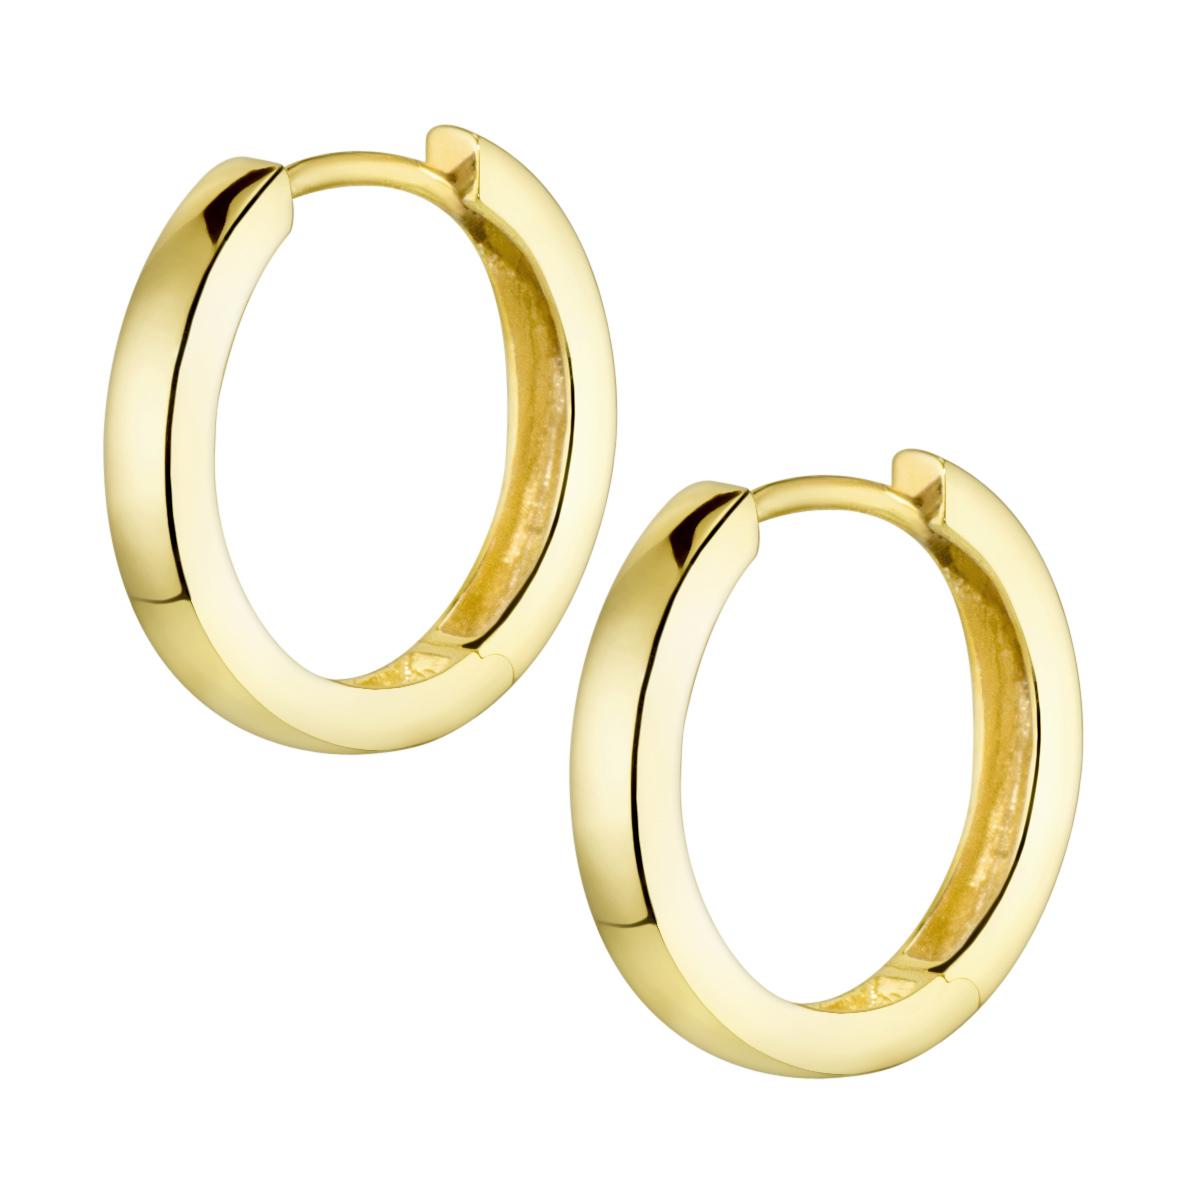 MATERIA Damen Mdchen Creolen Ohrringe Gold 17mm Silber 925 vergoldet klein  eBay